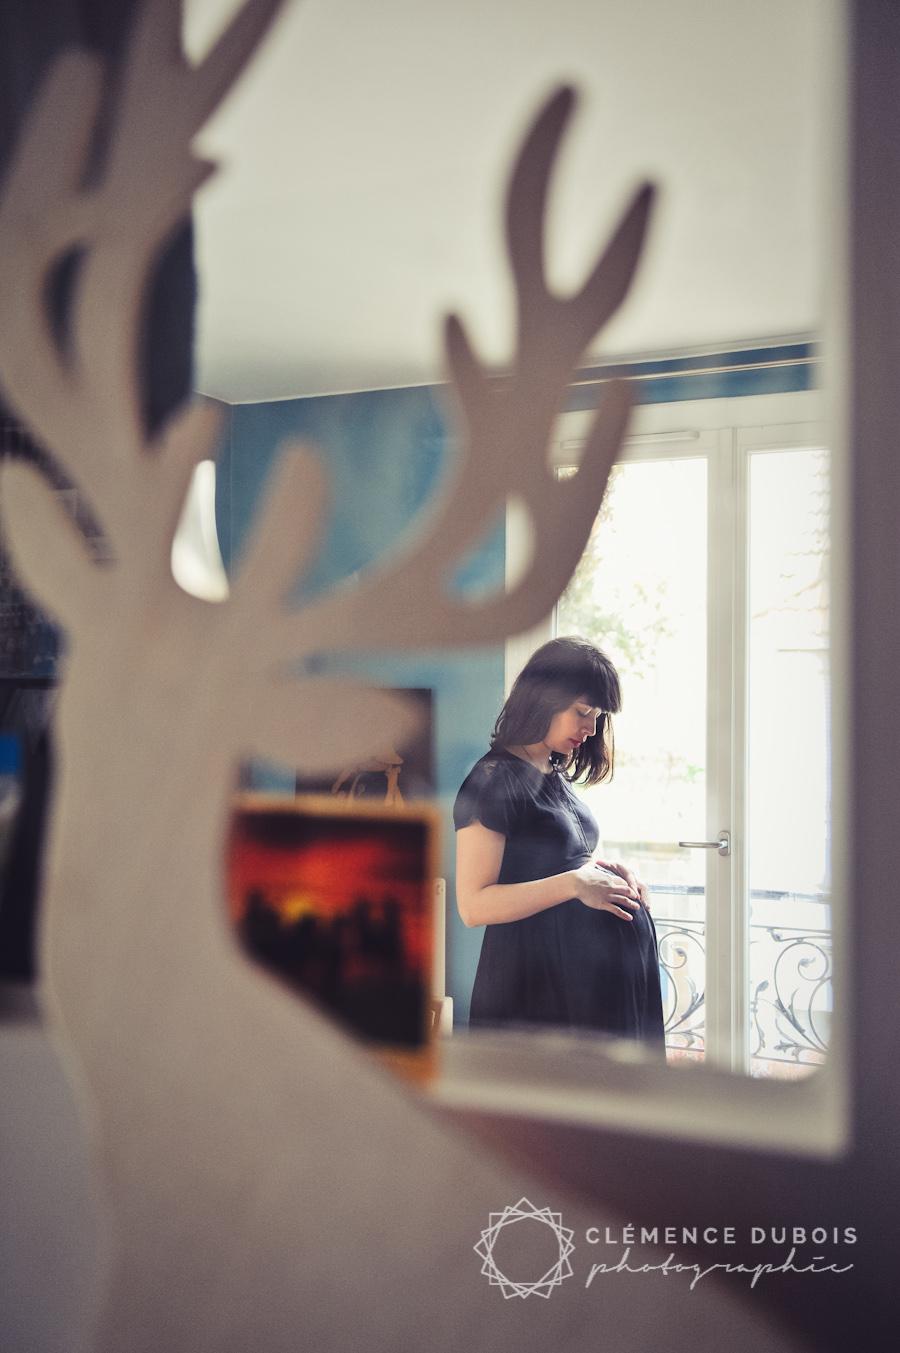 maternité_portrait_lifestyle_jen_clemence_dubois_photographie_region_parisienne_val_doise-076